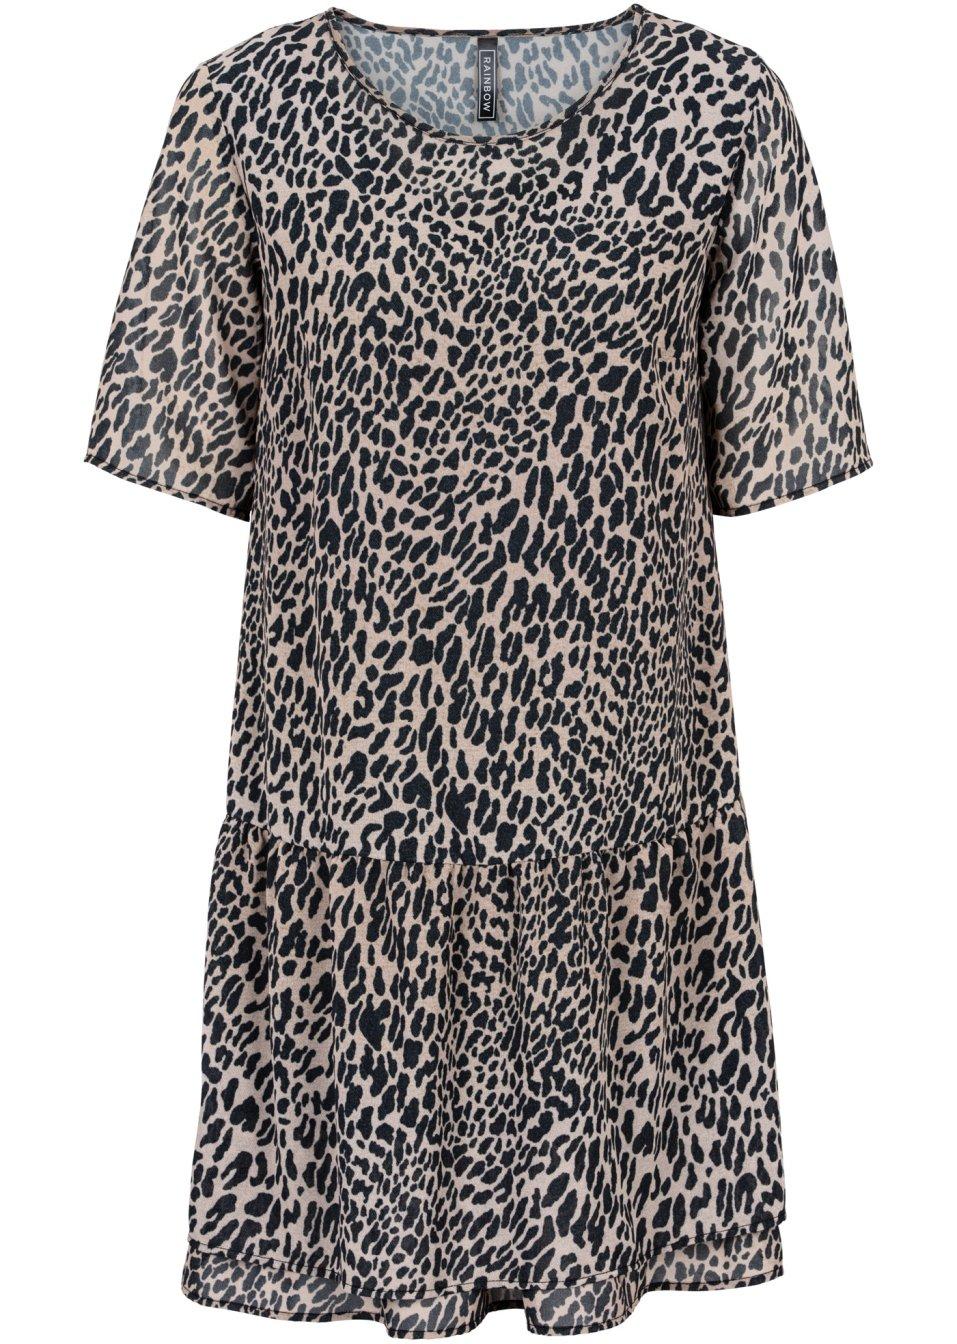 kleid im leo look leopard schwarz braun online kaufen. Black Bedroom Furniture Sets. Home Design Ideas